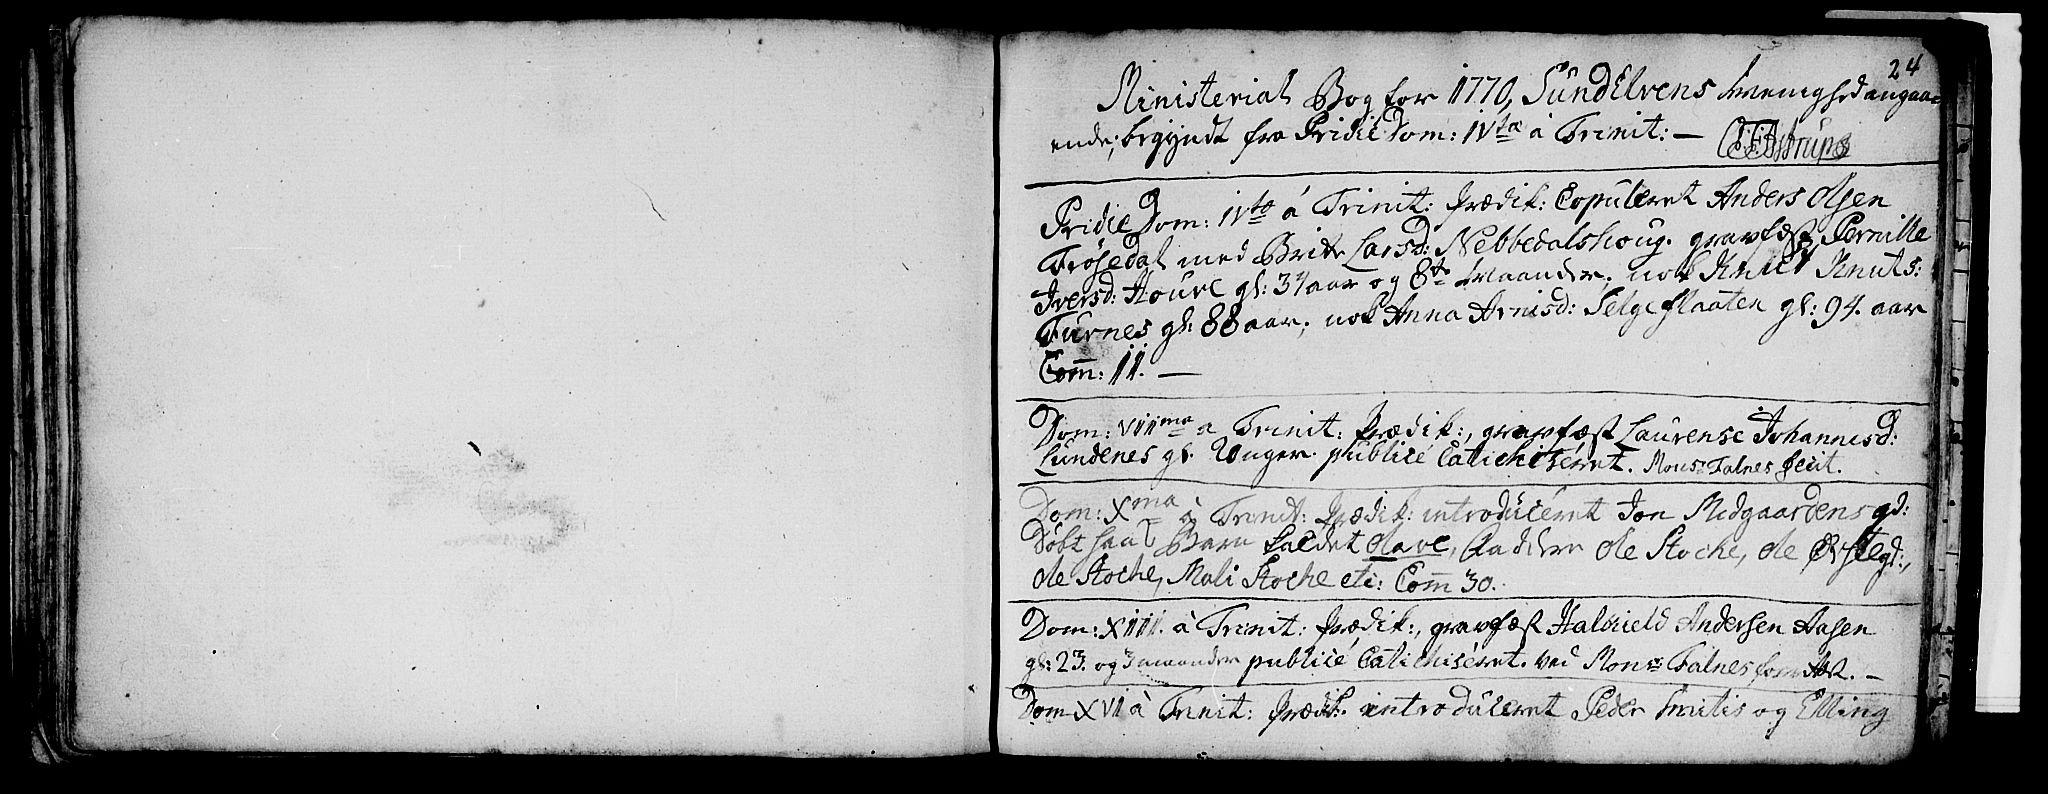 SAT, Ministerialprotokoller, klokkerbøker og fødselsregistre - Møre og Romsdal, 519/L0244: Ministerialbok nr. 519A03, 1769-1773, s. 24